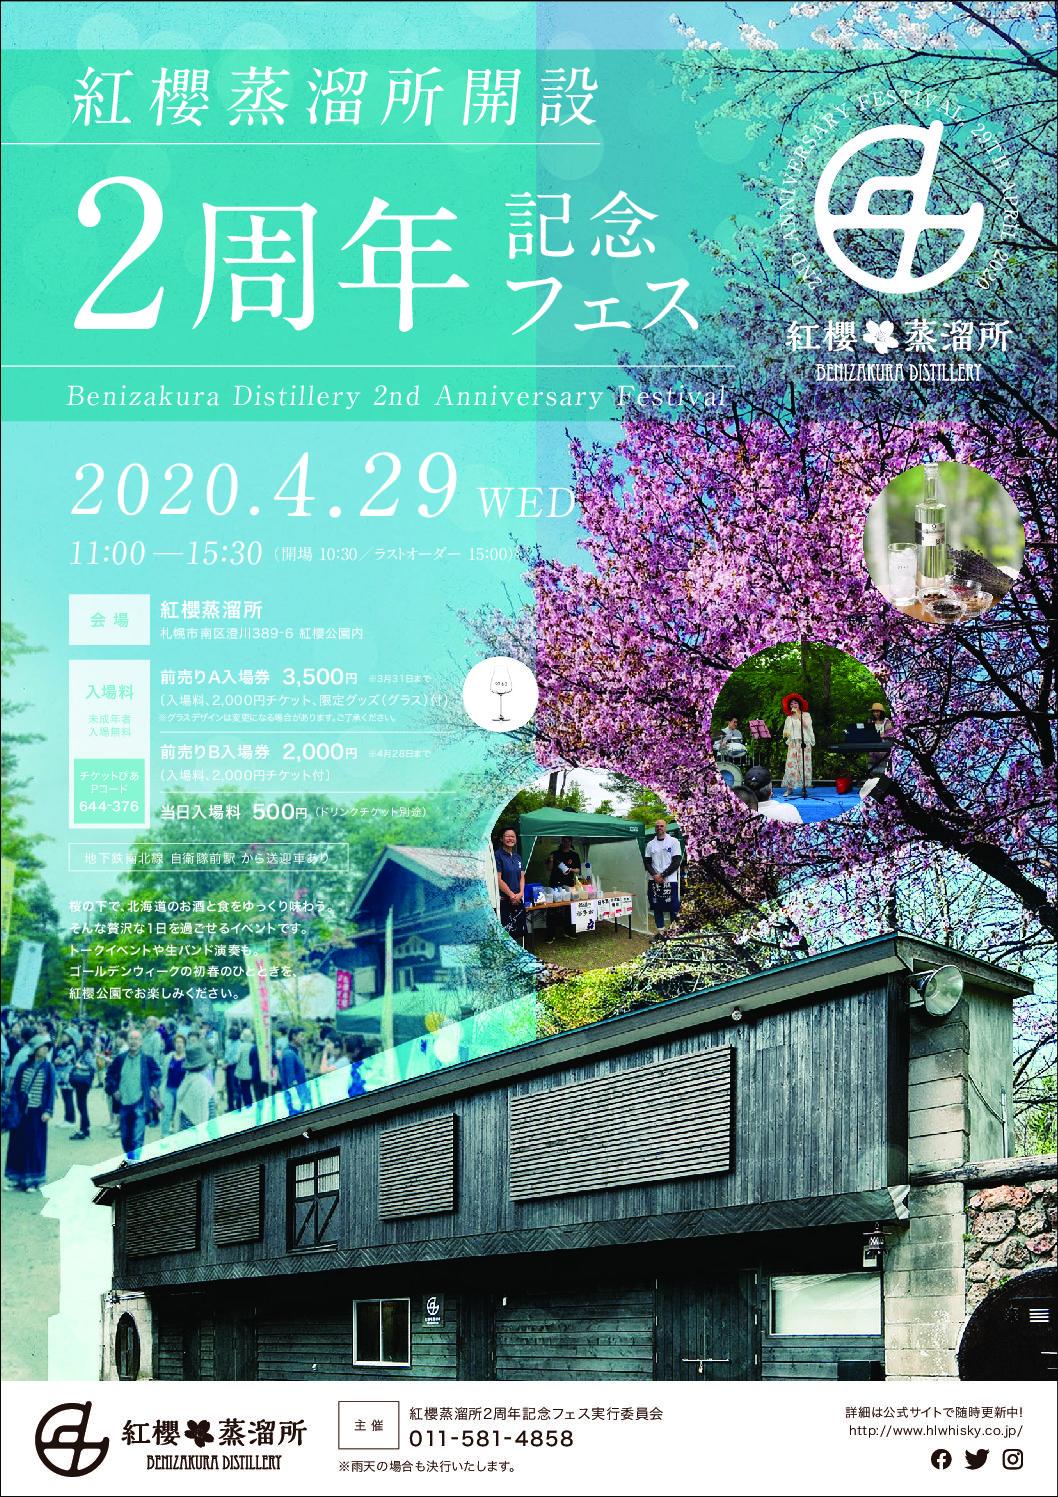 イベント開催の中止【紅櫻蒸溜所2周年記念フェス】